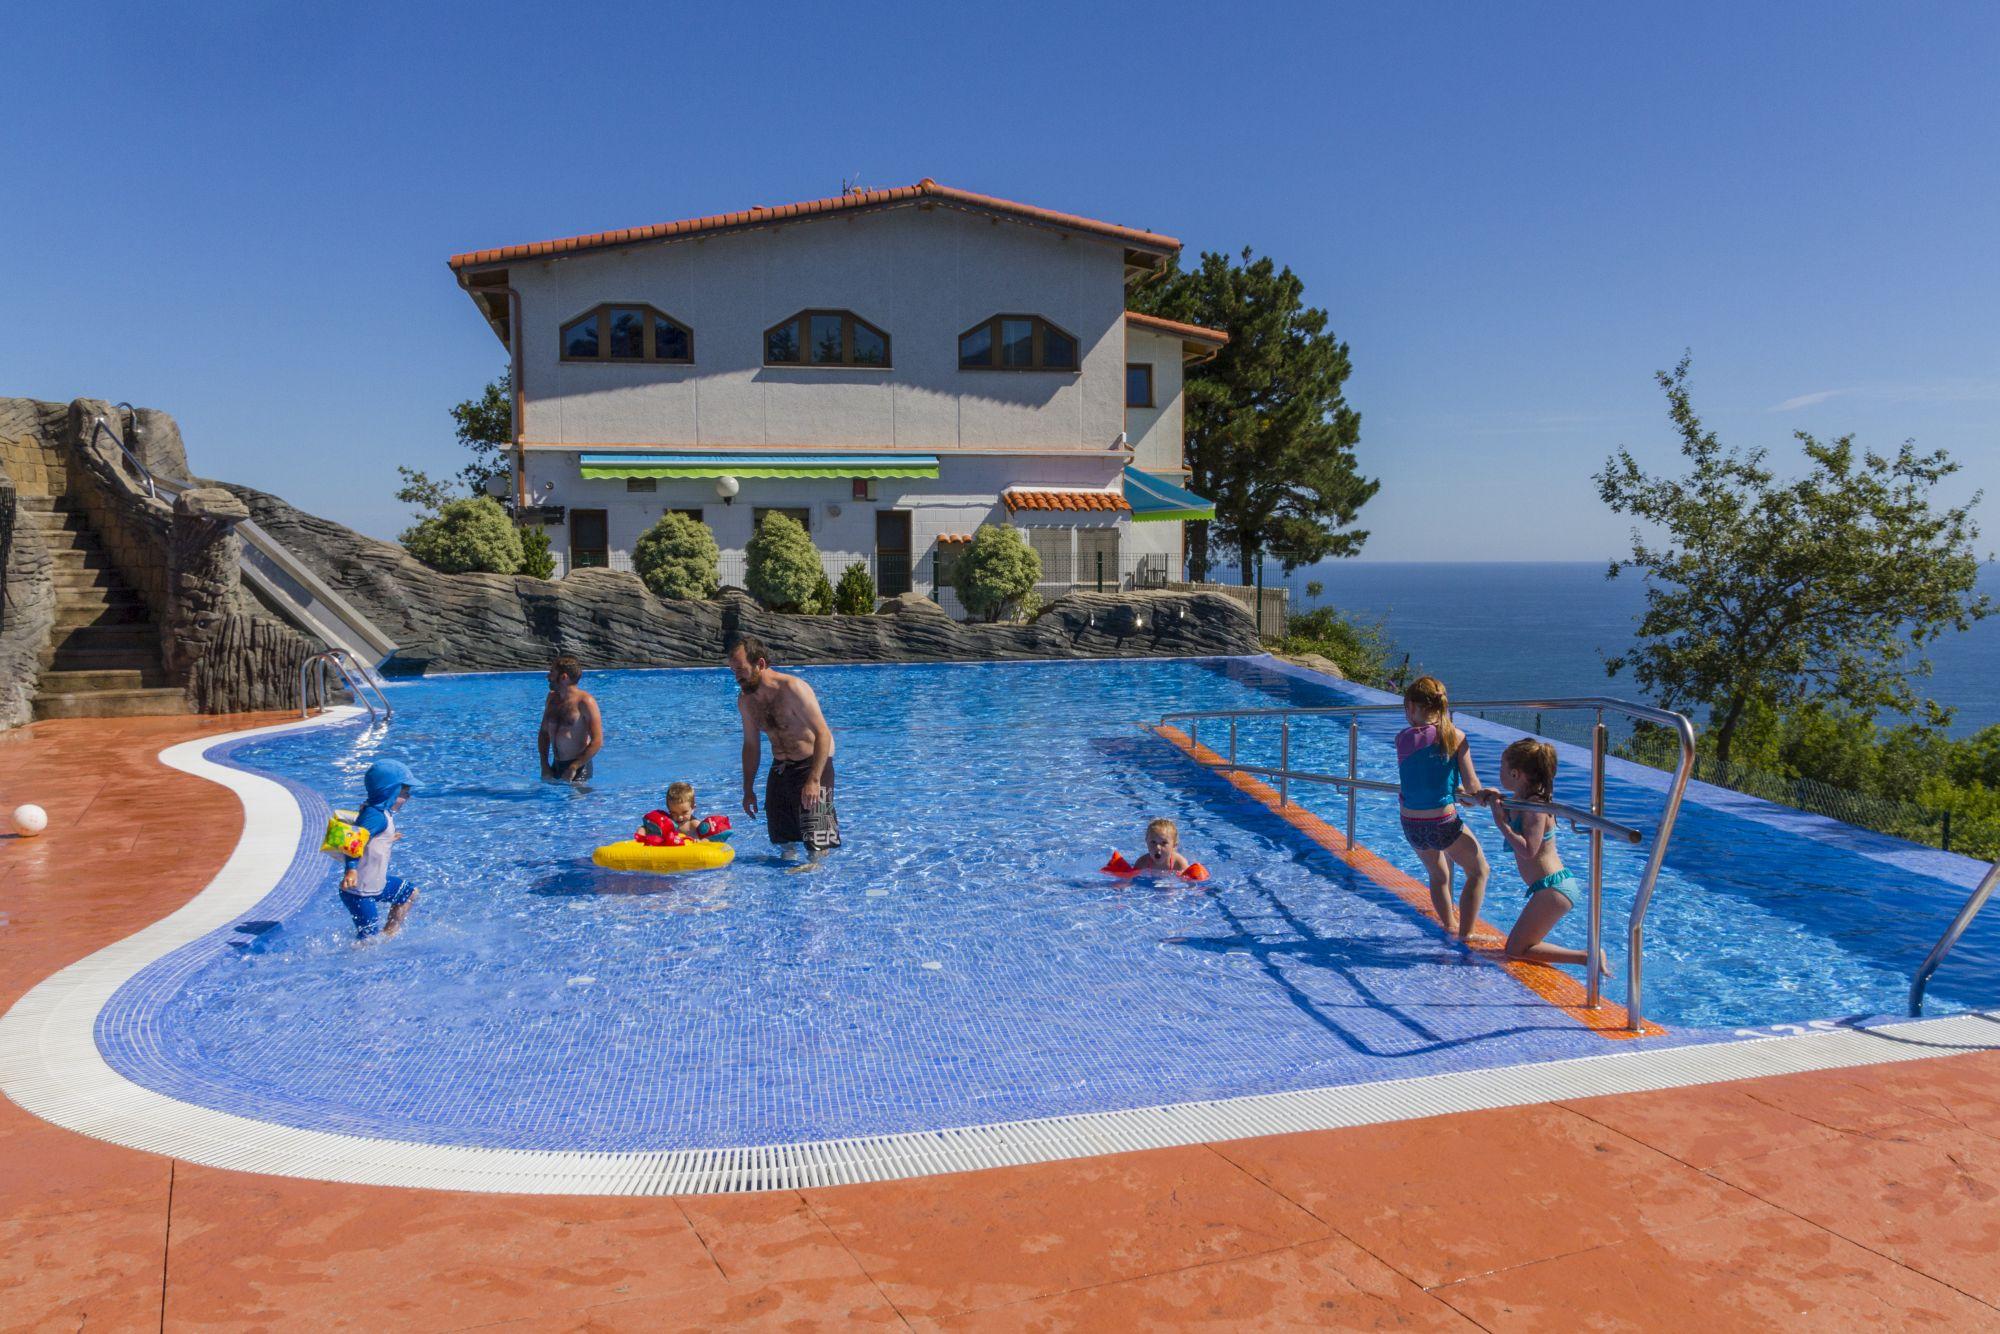 Camping itxaspe costa vasca for Camping en pais vasco con piscina